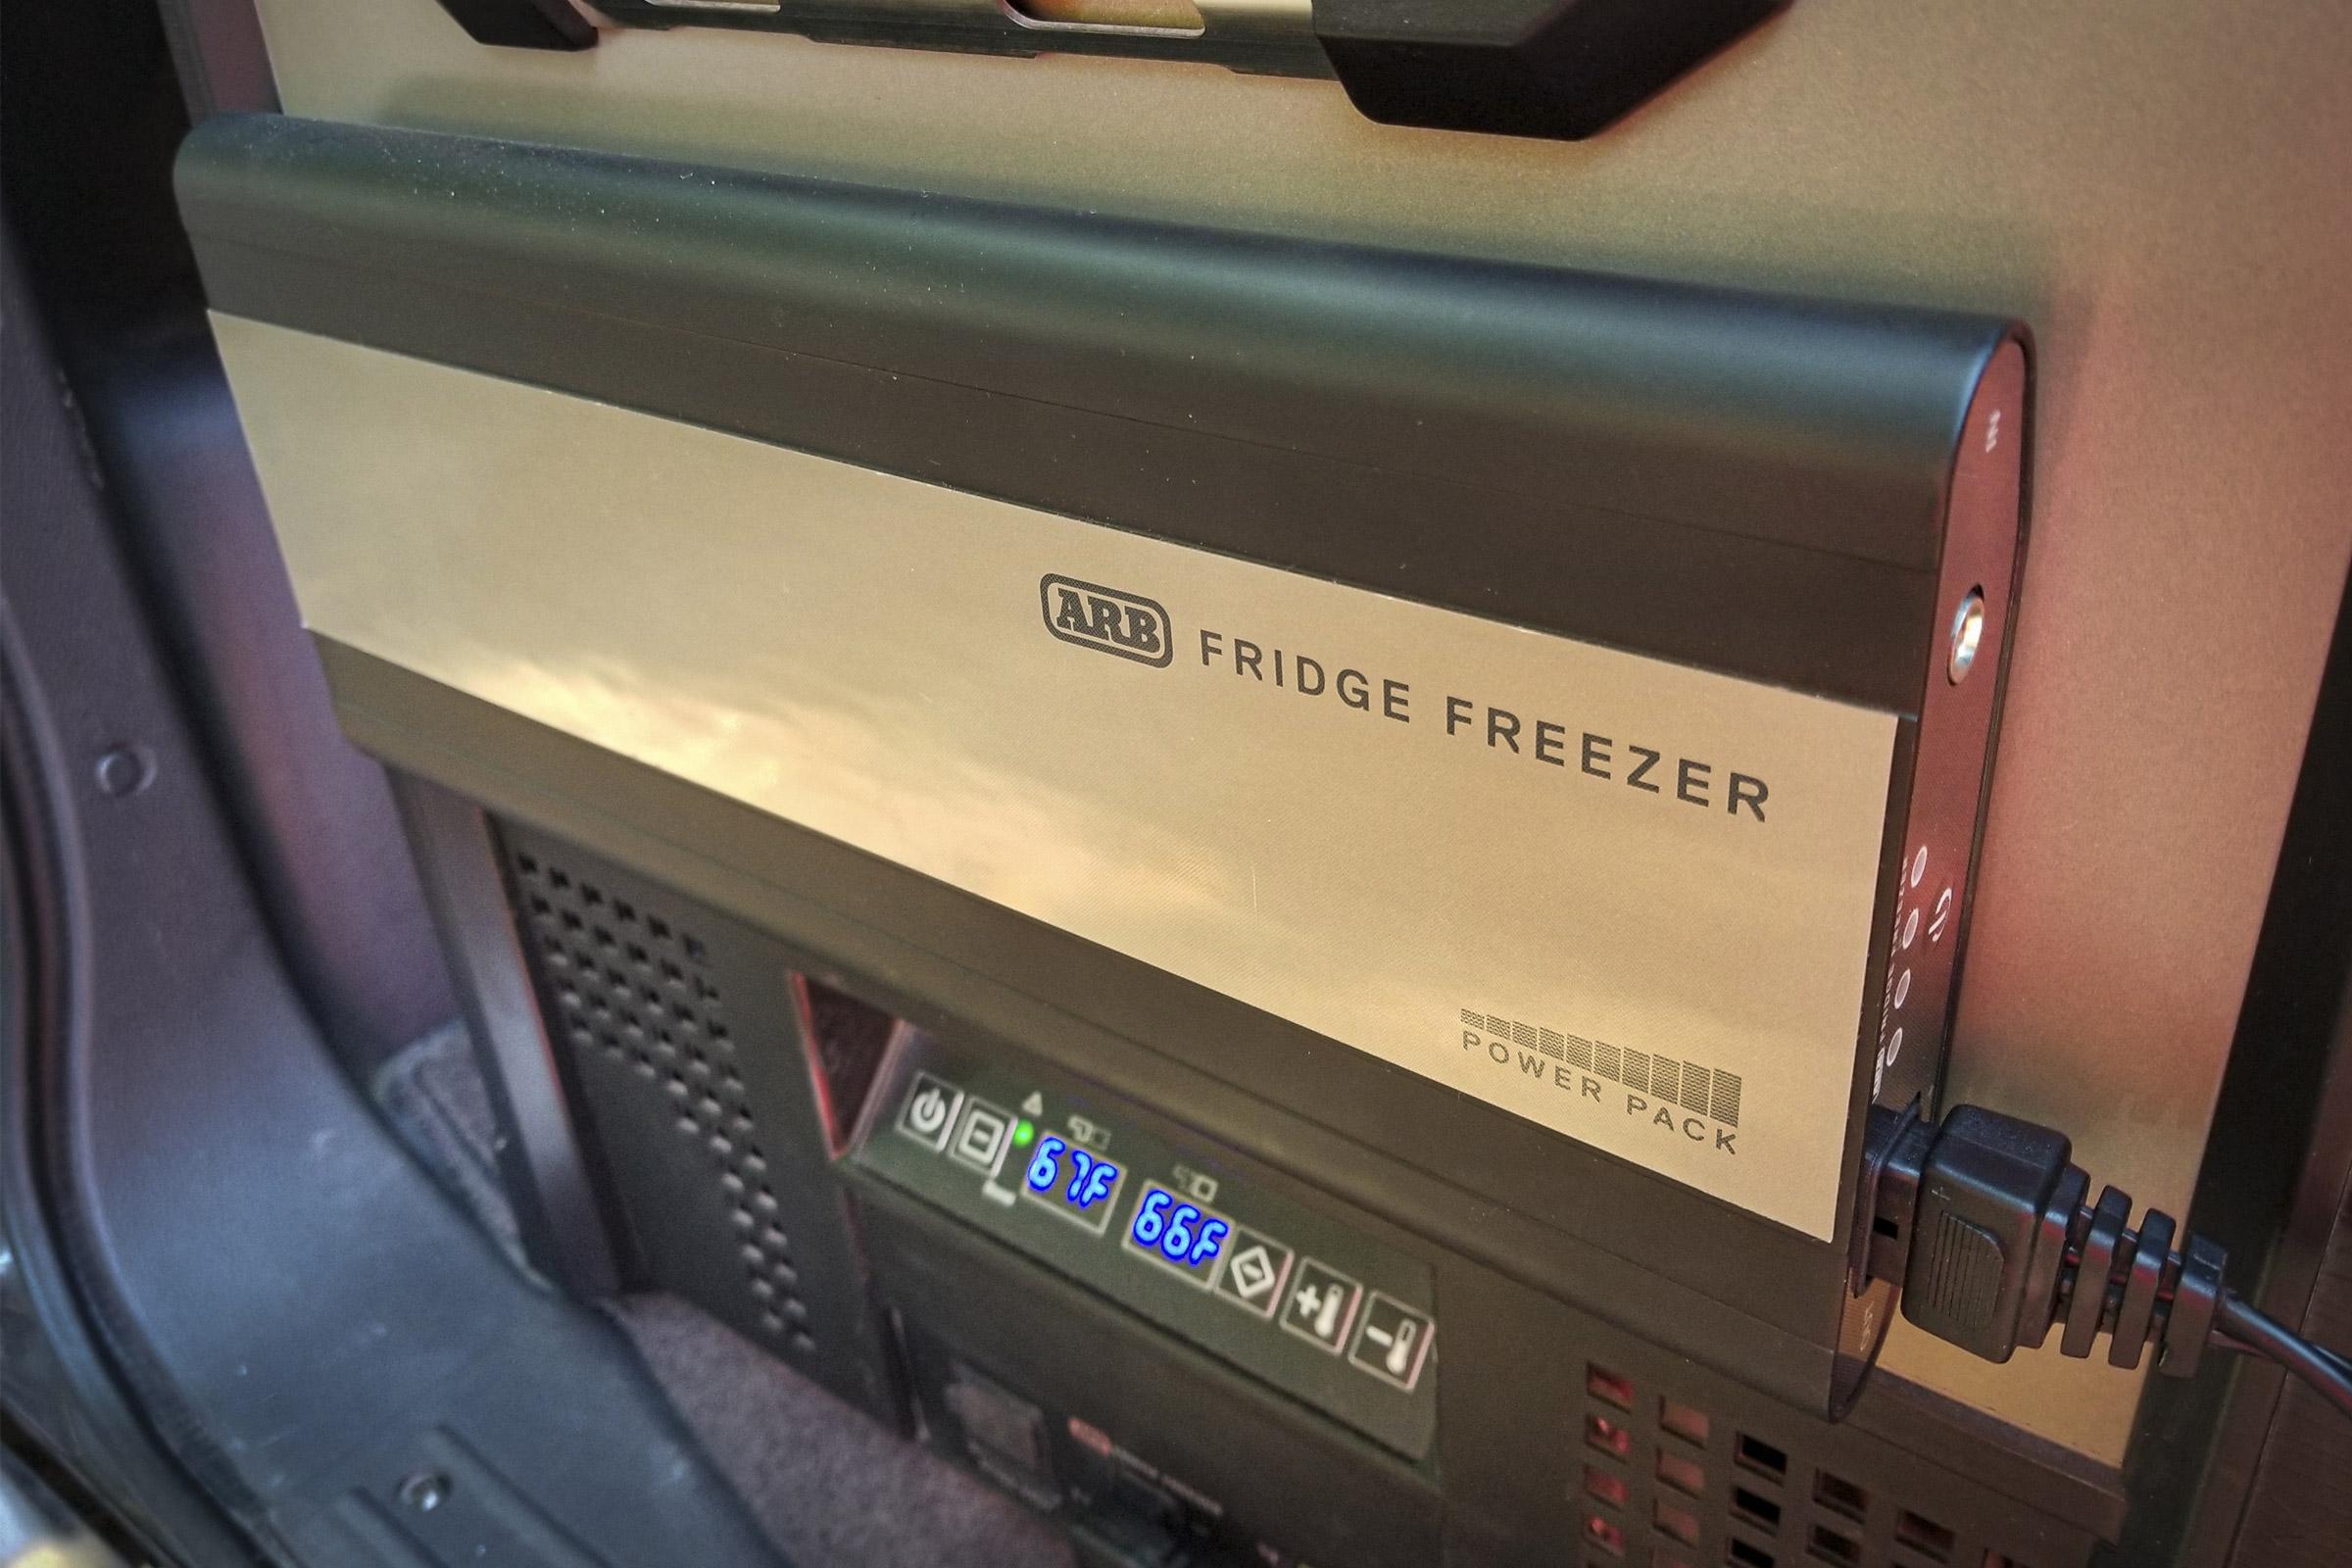 arb power pack on zero fridge in pajero